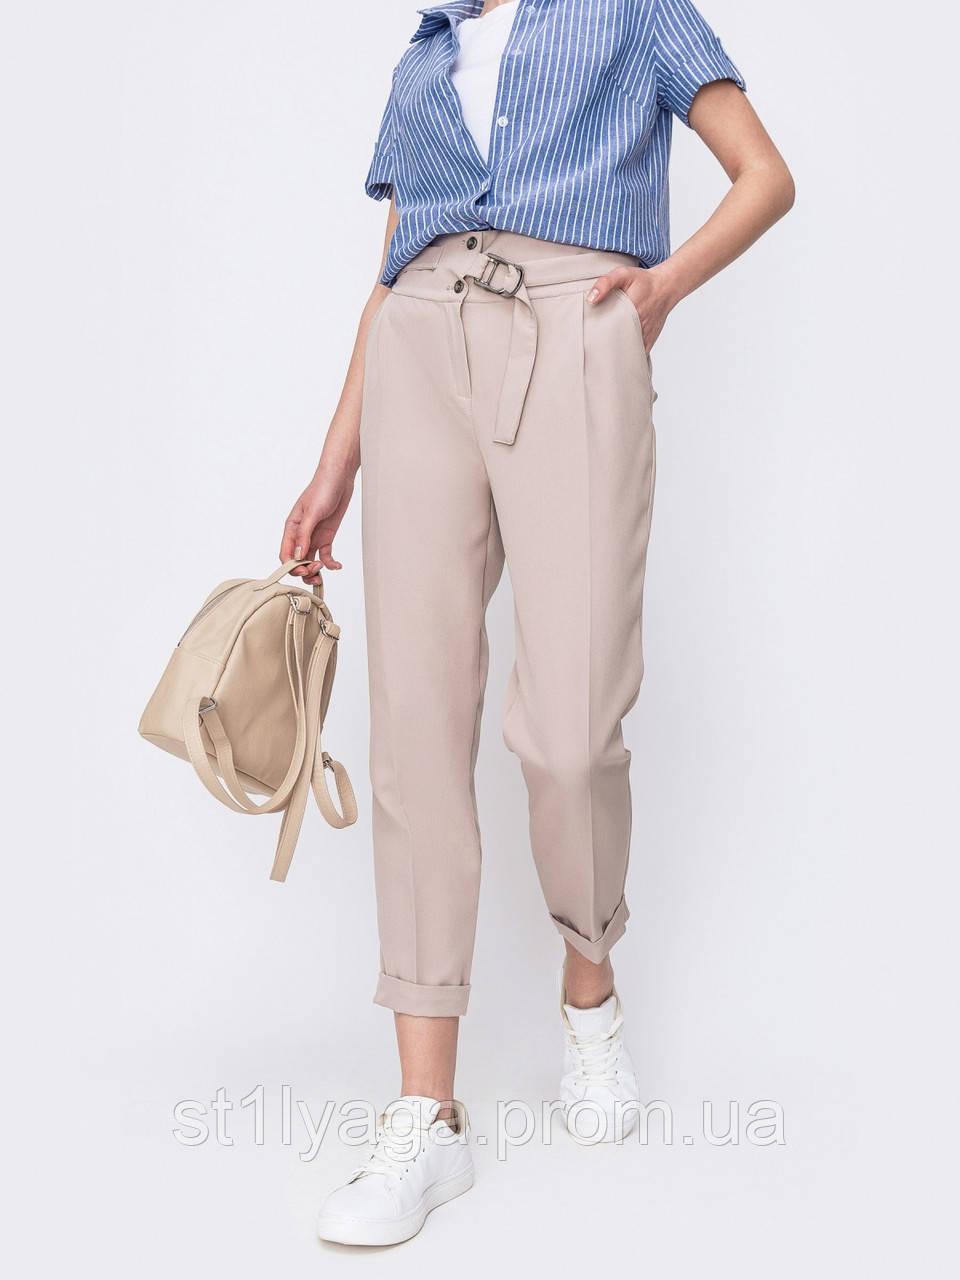 Укороченные брюки в бежевом цвете